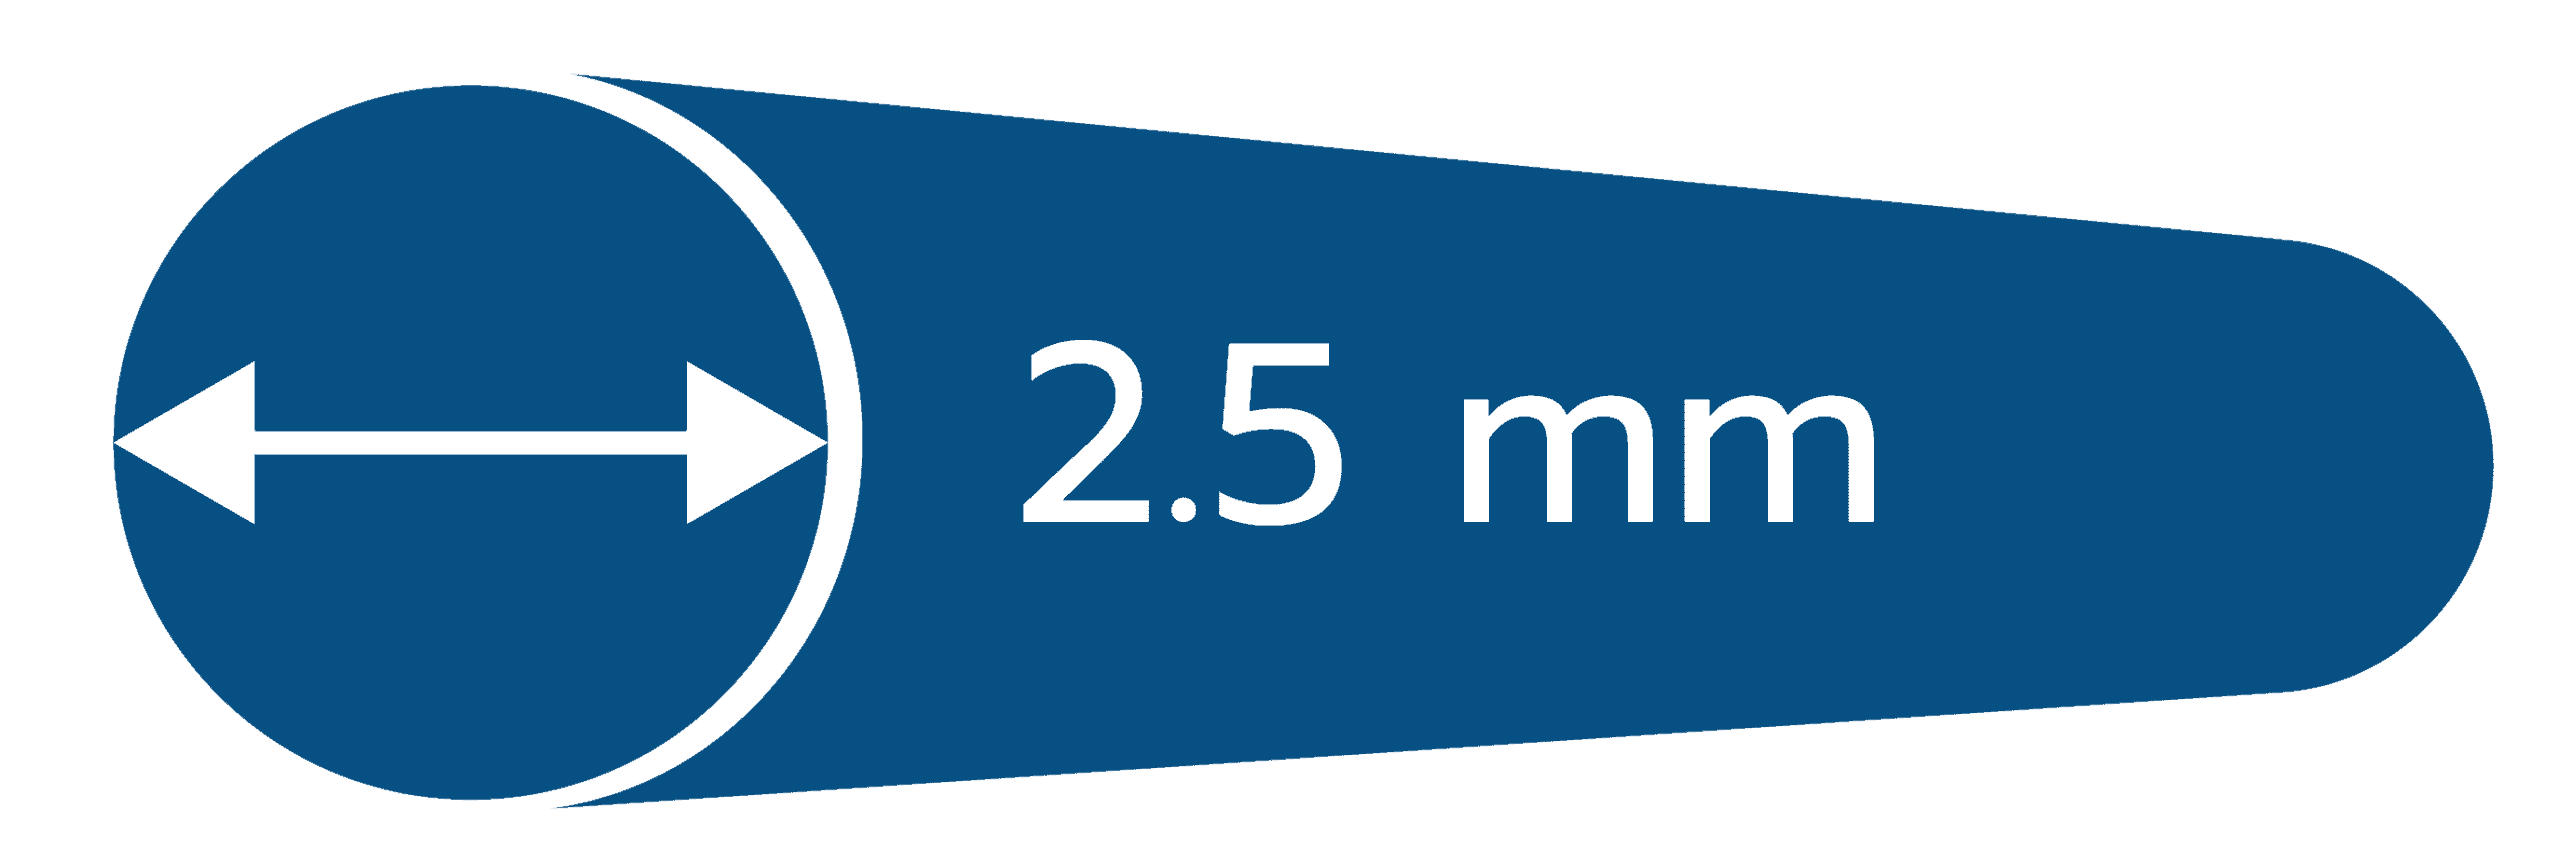 Icon ข้อดีรั้วตาข่ายฟิคซ์ล็อค เส้นลวดหนา 2.5 มม.